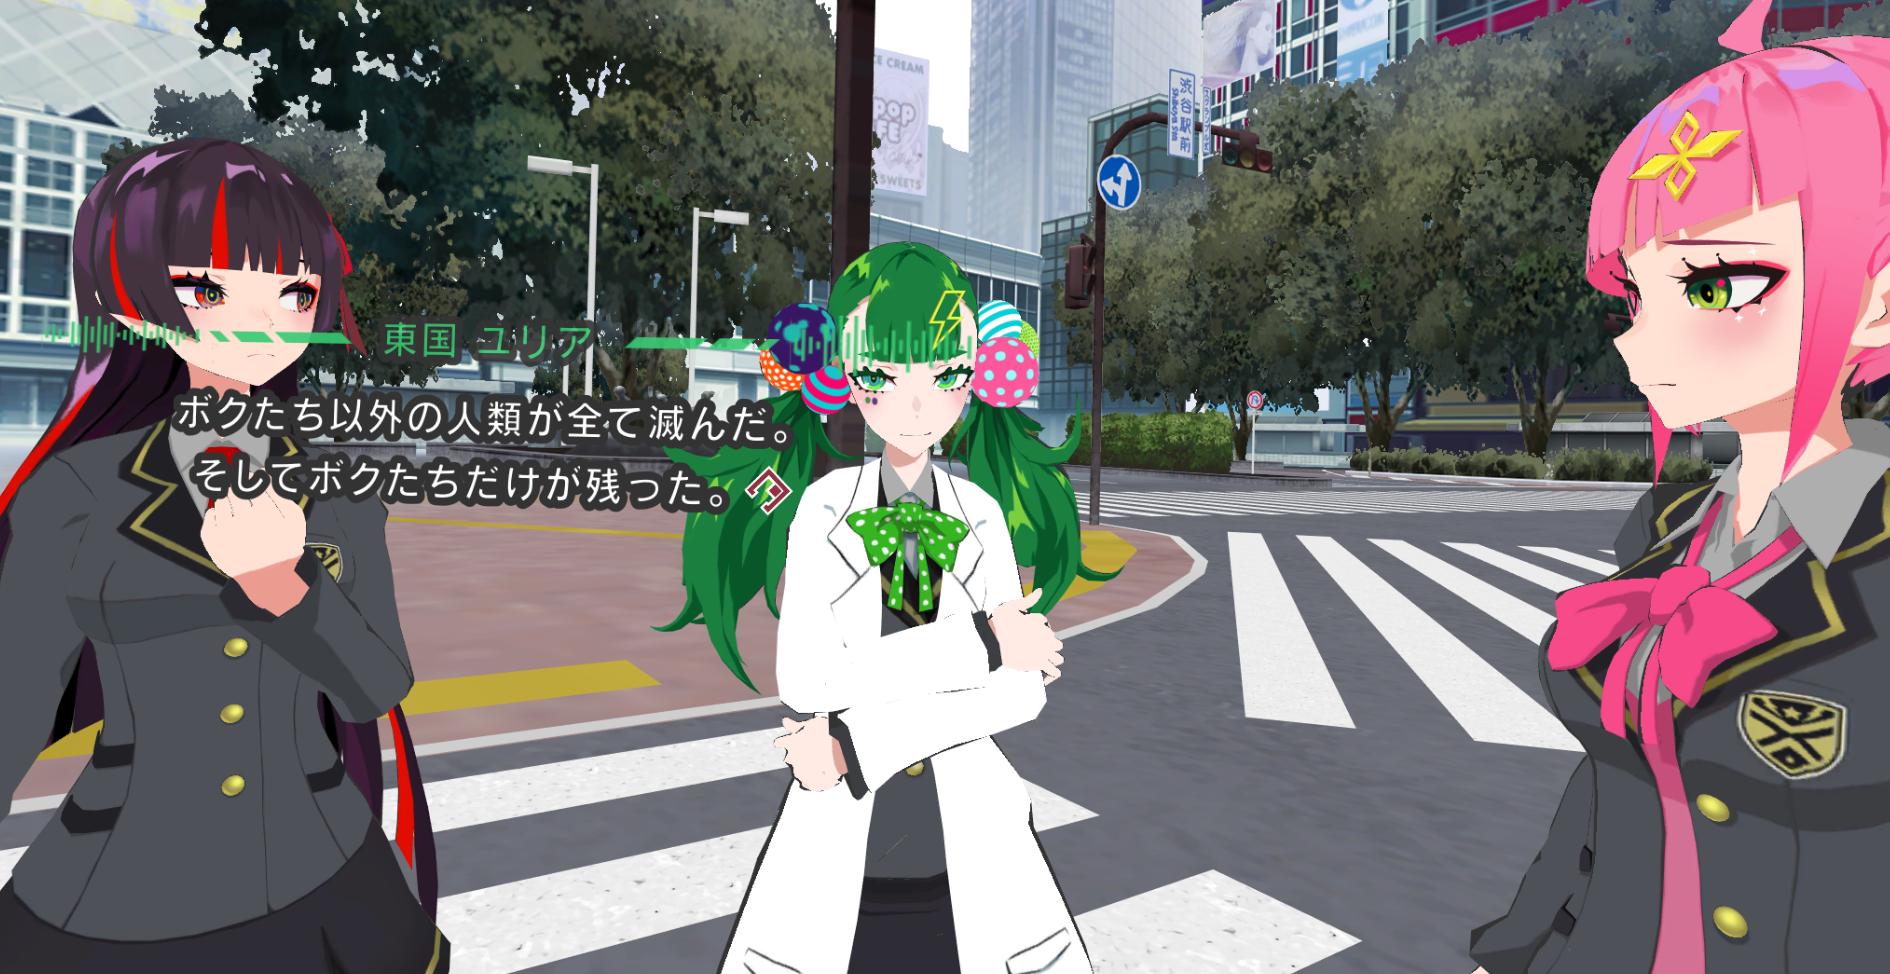 【東京クロノス】でパンツを見たい方へ